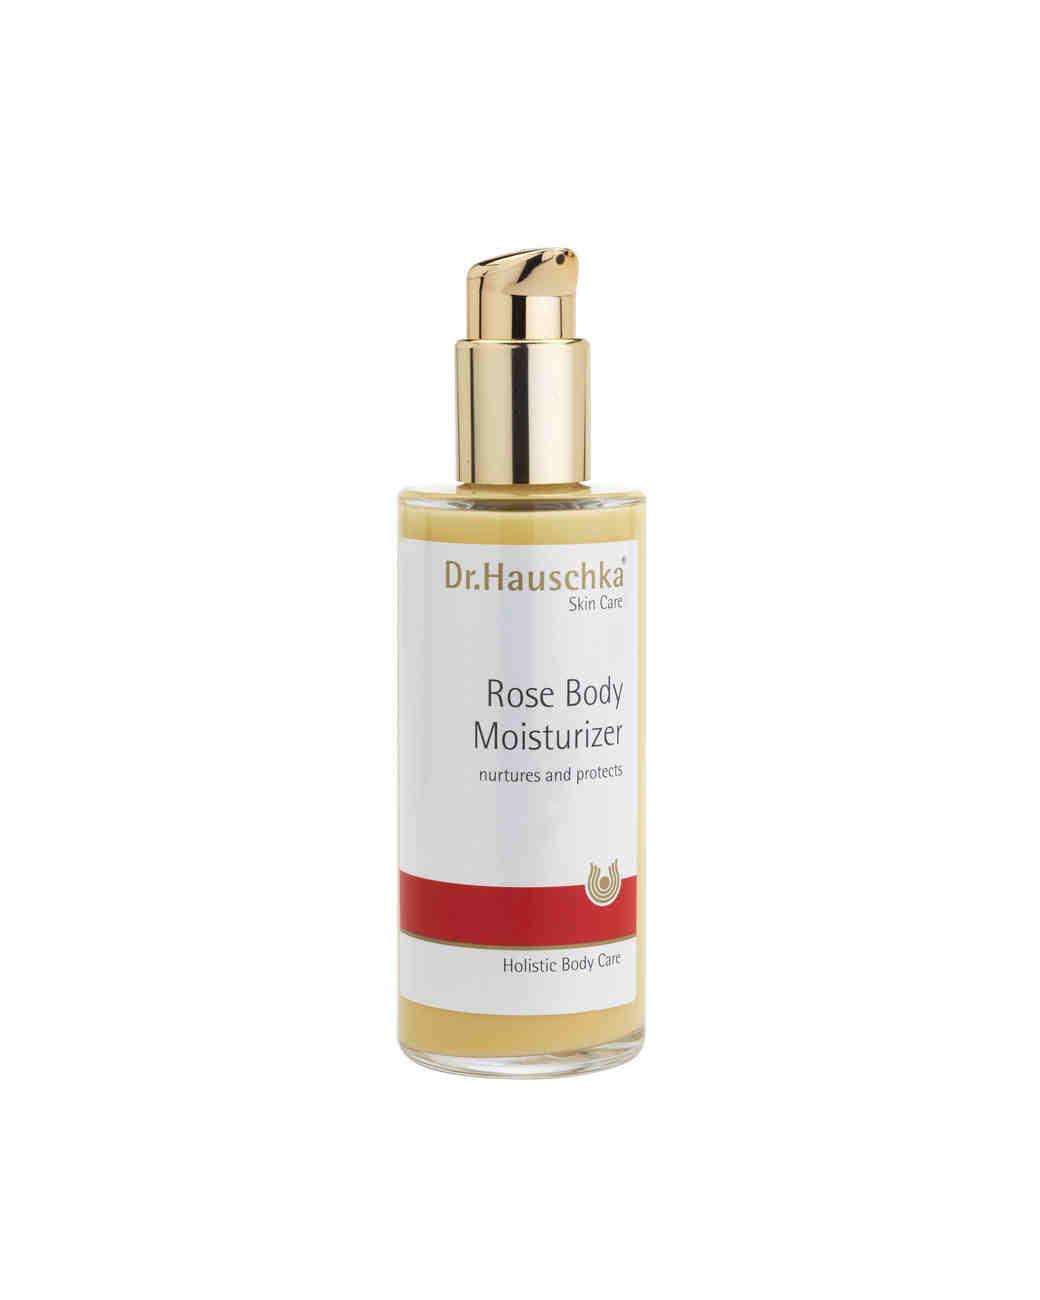 dr-haushka-rose-body-moisturizer-0314.jpg